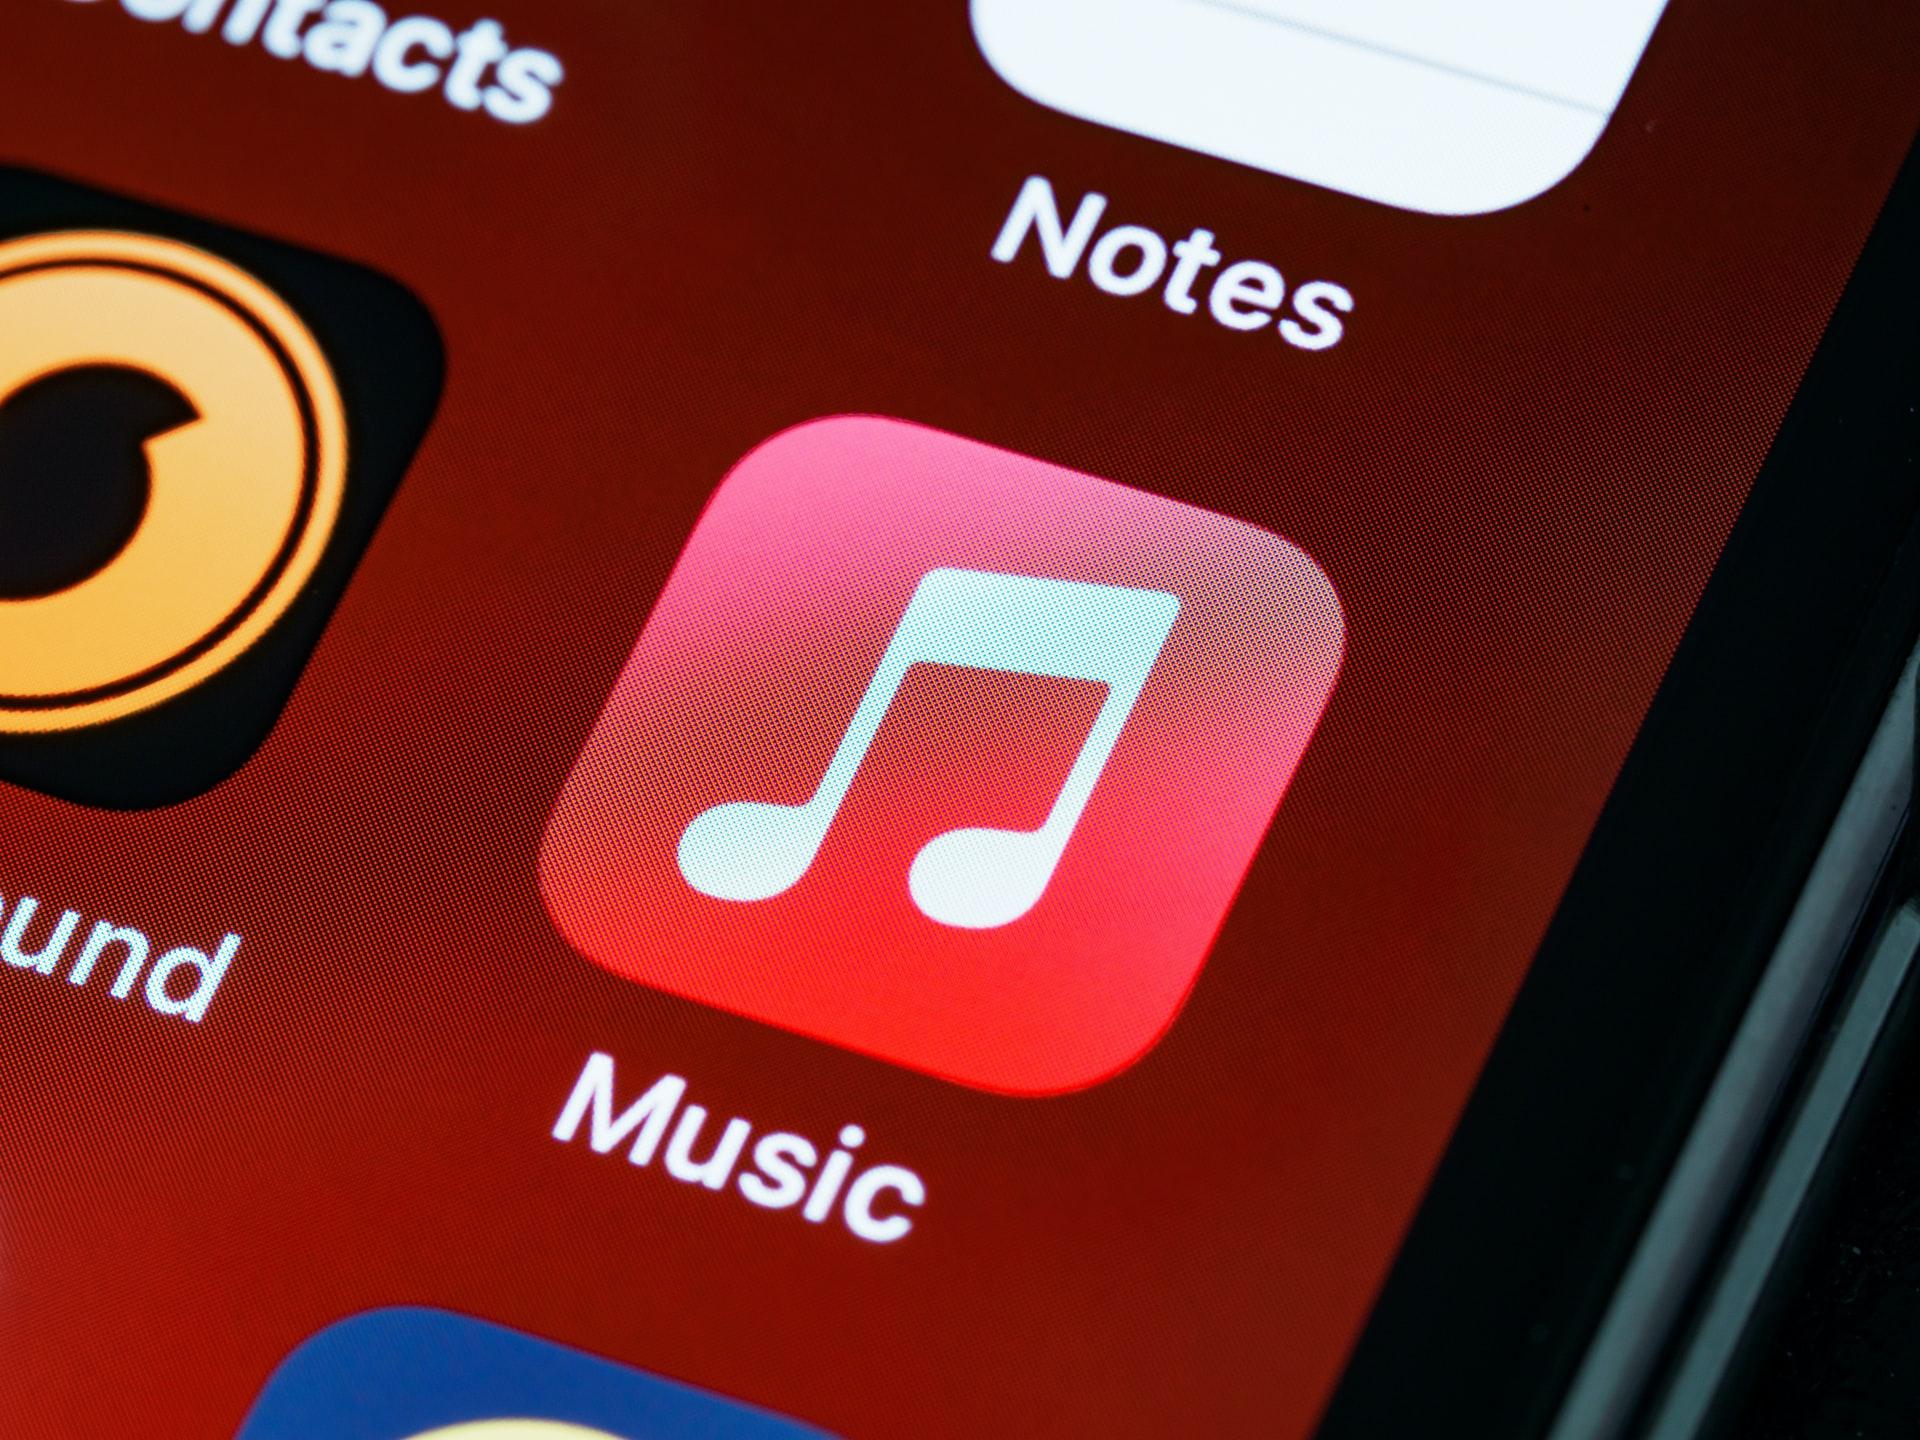 iPhoneのサブスクリプションを解除・削除する方法|支払い方法の変更はできる?